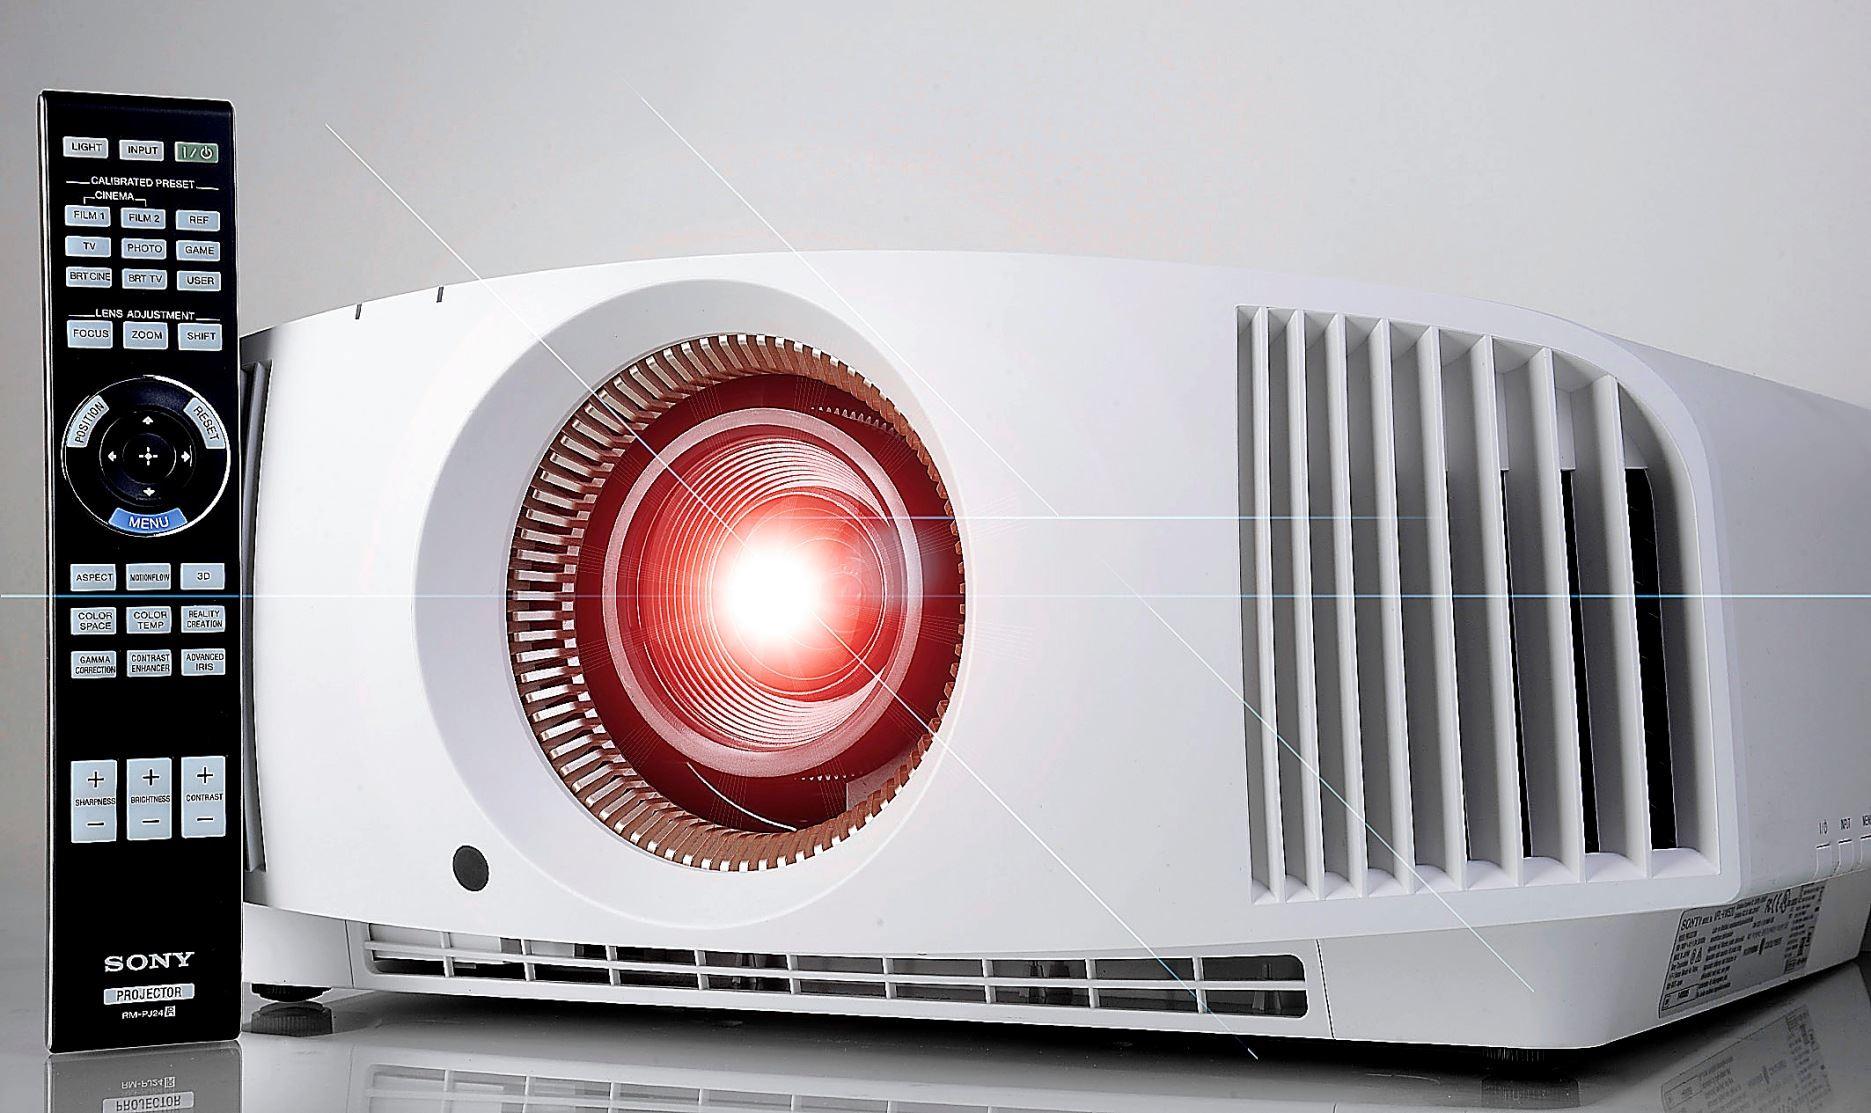 Sony VW550 (VPL-VW550ES) Test projektora Ultra HD 4K z przetwornikiem SXRD